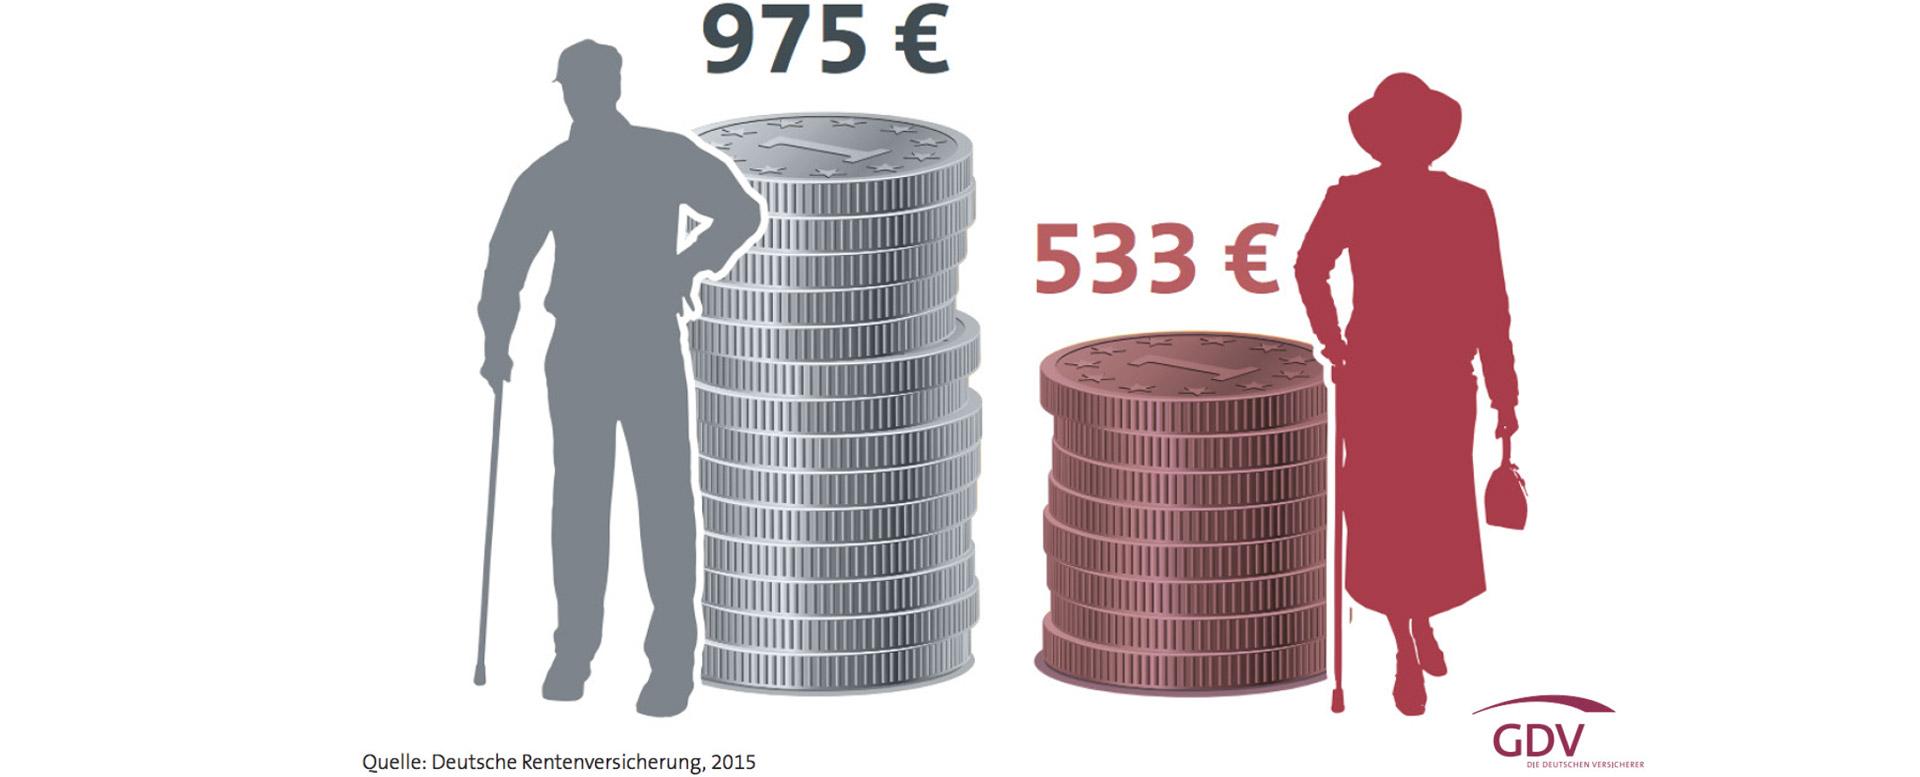 Durchschnittliche Rente für Neurentner 2014